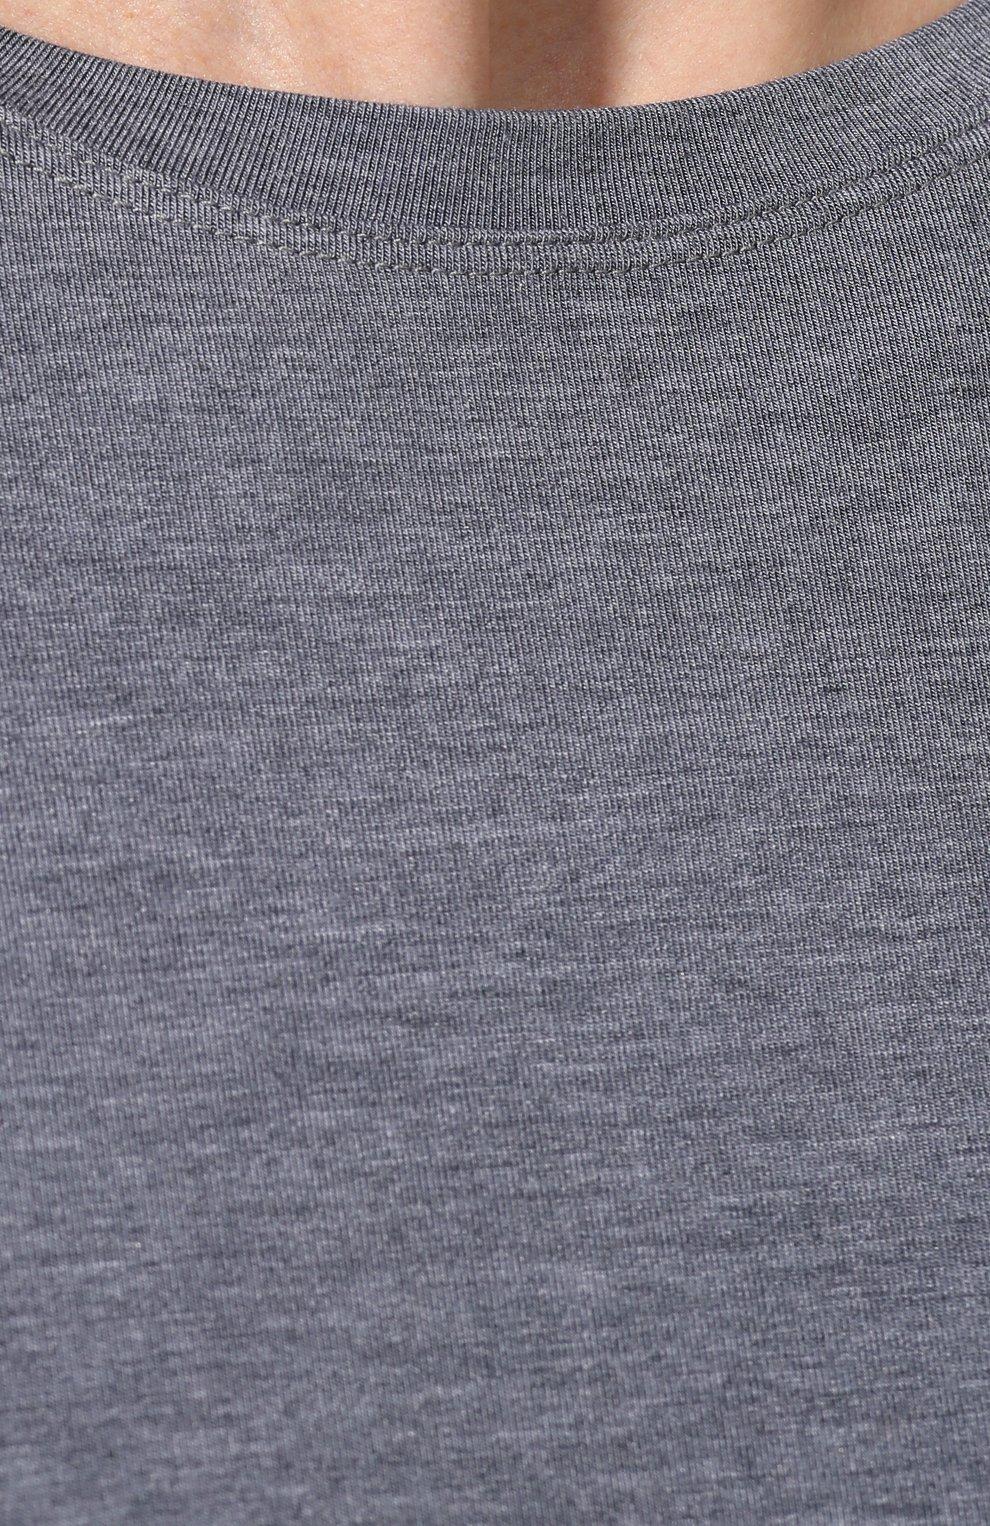 Мужская лонгслив с круглым вырезом DEREK ROSE серого цвета, арт. 3083-MARL001 | Фото 5 (Рукава: Длинные; Кросс-КТ: домашняя одежда; Материал внешний: Синтетический материал; Длина (для топов): Стандартные; Мужское Кросс-КТ: Футболка-белье)